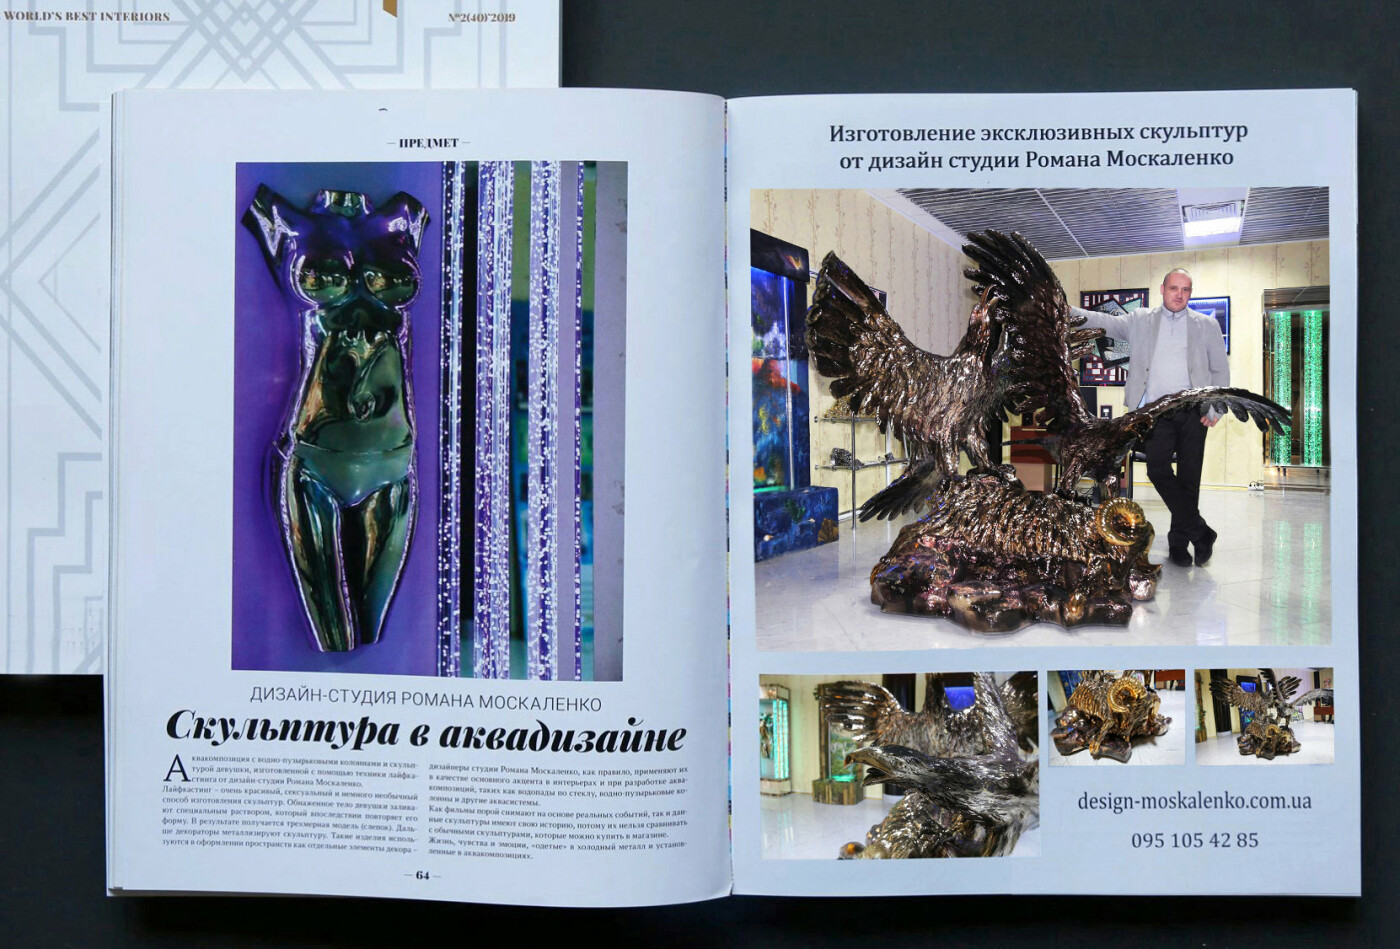 Виготовлення скульптур, Дизайн-студія Романа Москаленко